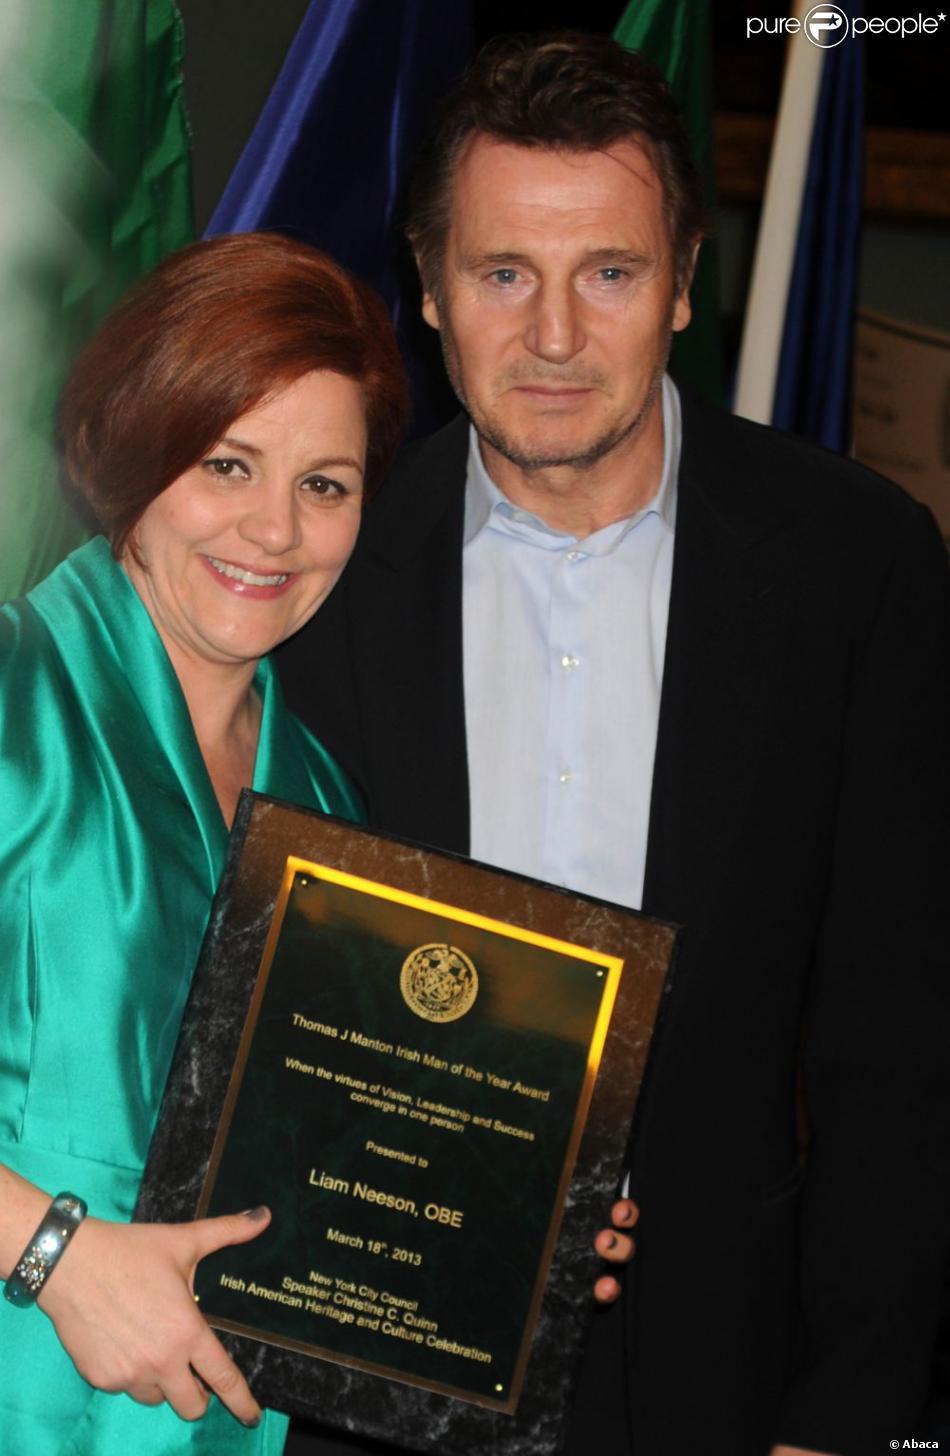 Le comédien Liam Neeson reçoit le prix de l'Irlandais de l'année à New York des mains de Christine C. Quinn le 18 mars 2013.